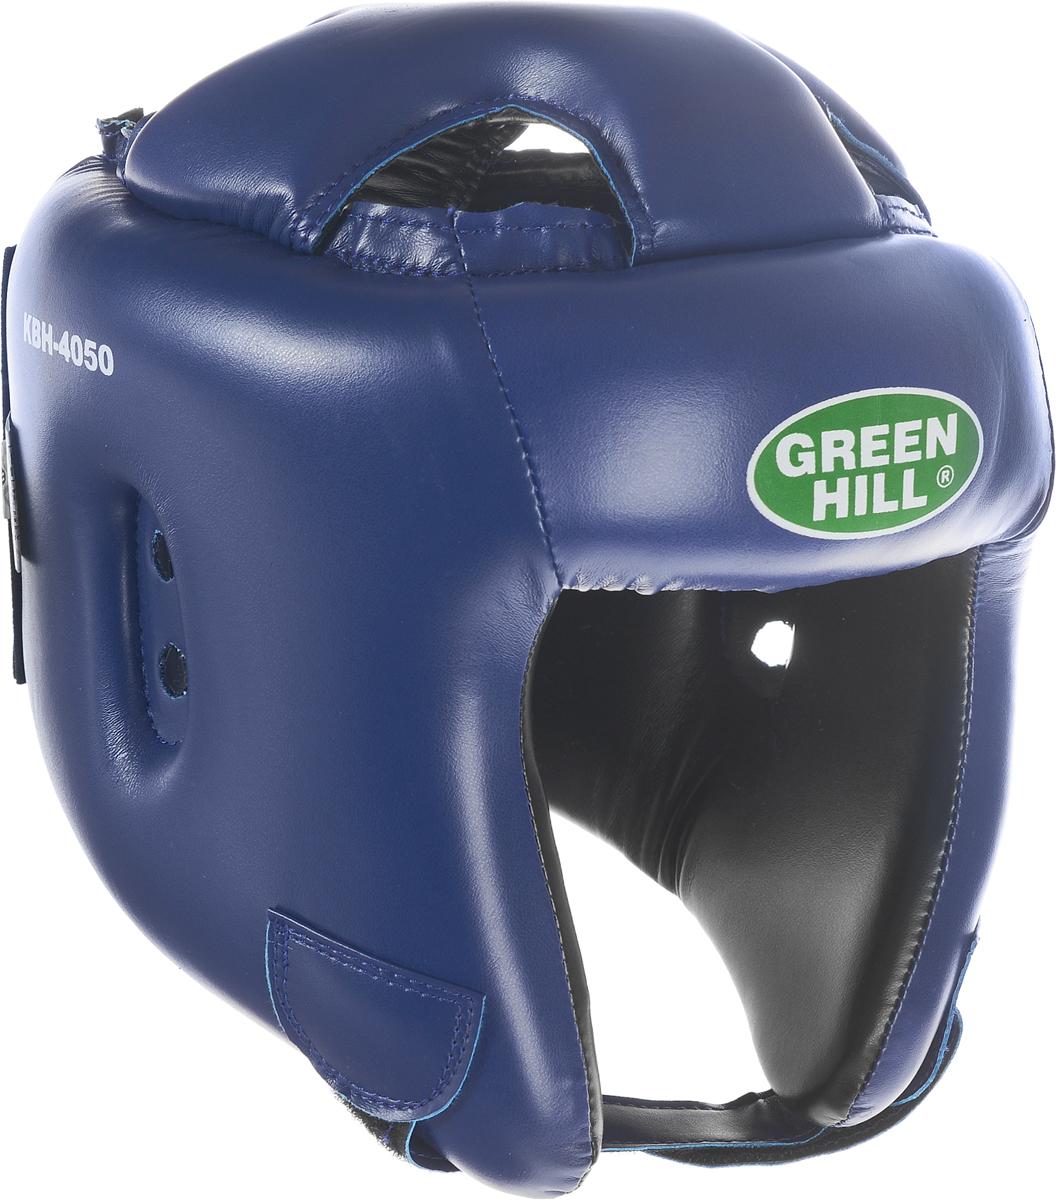 Шлем боксерский Green Hill Brave, цвет: синий. Размер S (48-53 см)KBH-4050Шлем Green Hill Brave с усиленной защитой теменной области предназначен для занятий боксом и кикбоксингом. Подходит для тренировок и соревнований. Крепления сзади на резинке и под подбородком на липучке крепко удерживают шлем на голове. Верх выполнен из высококачественного кожзаменителя, подкладка из искусственной замши.